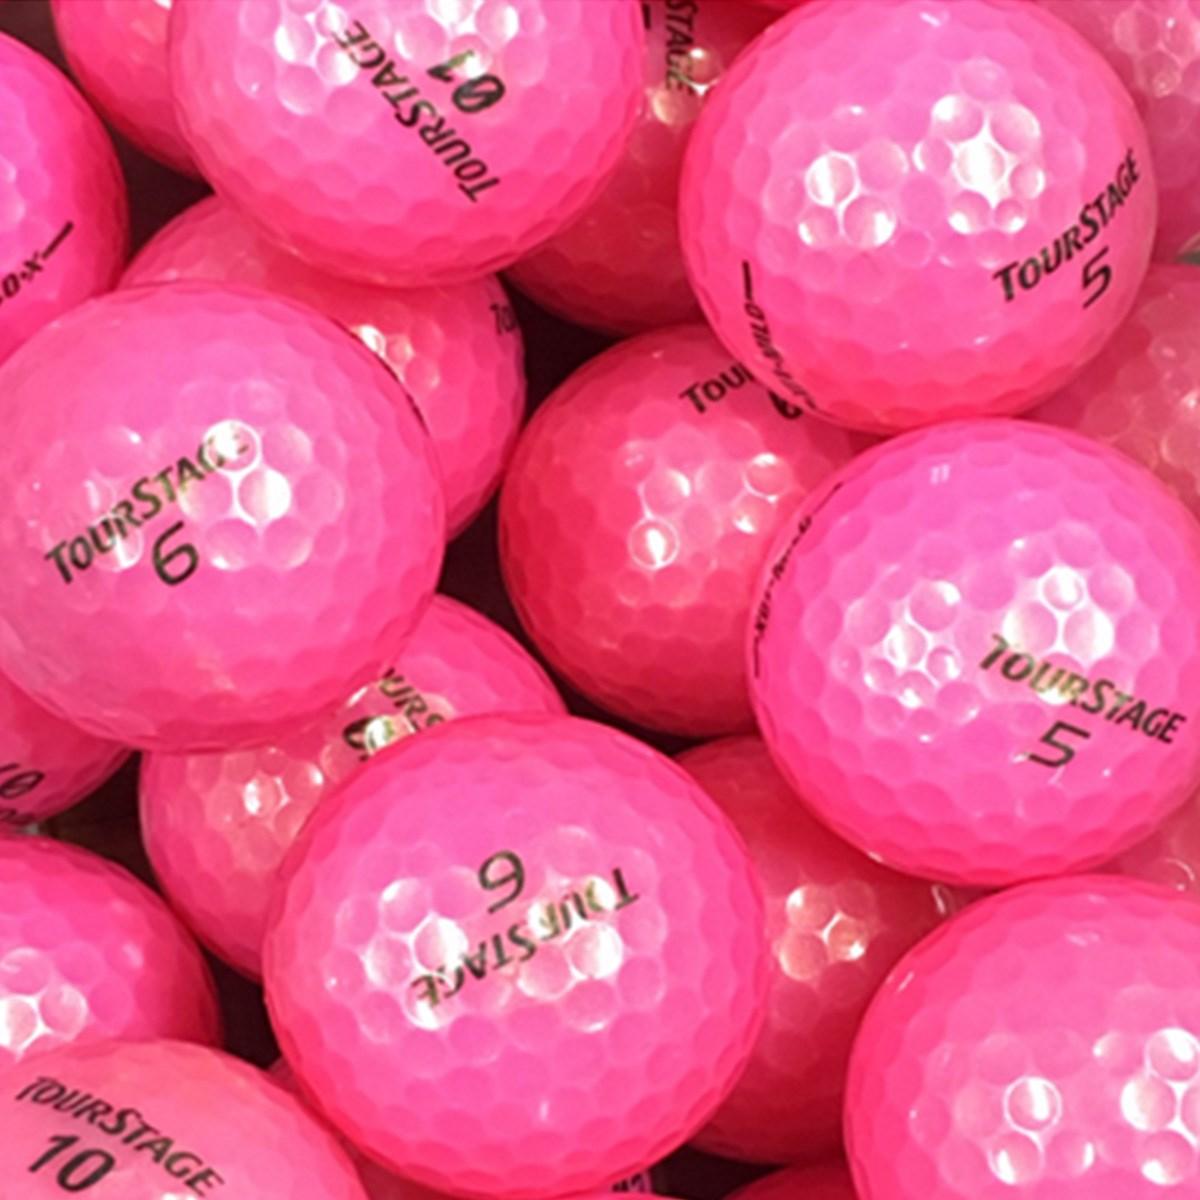 ロストボール ツアーステージ混合 Sランク ピンク系 20個セット